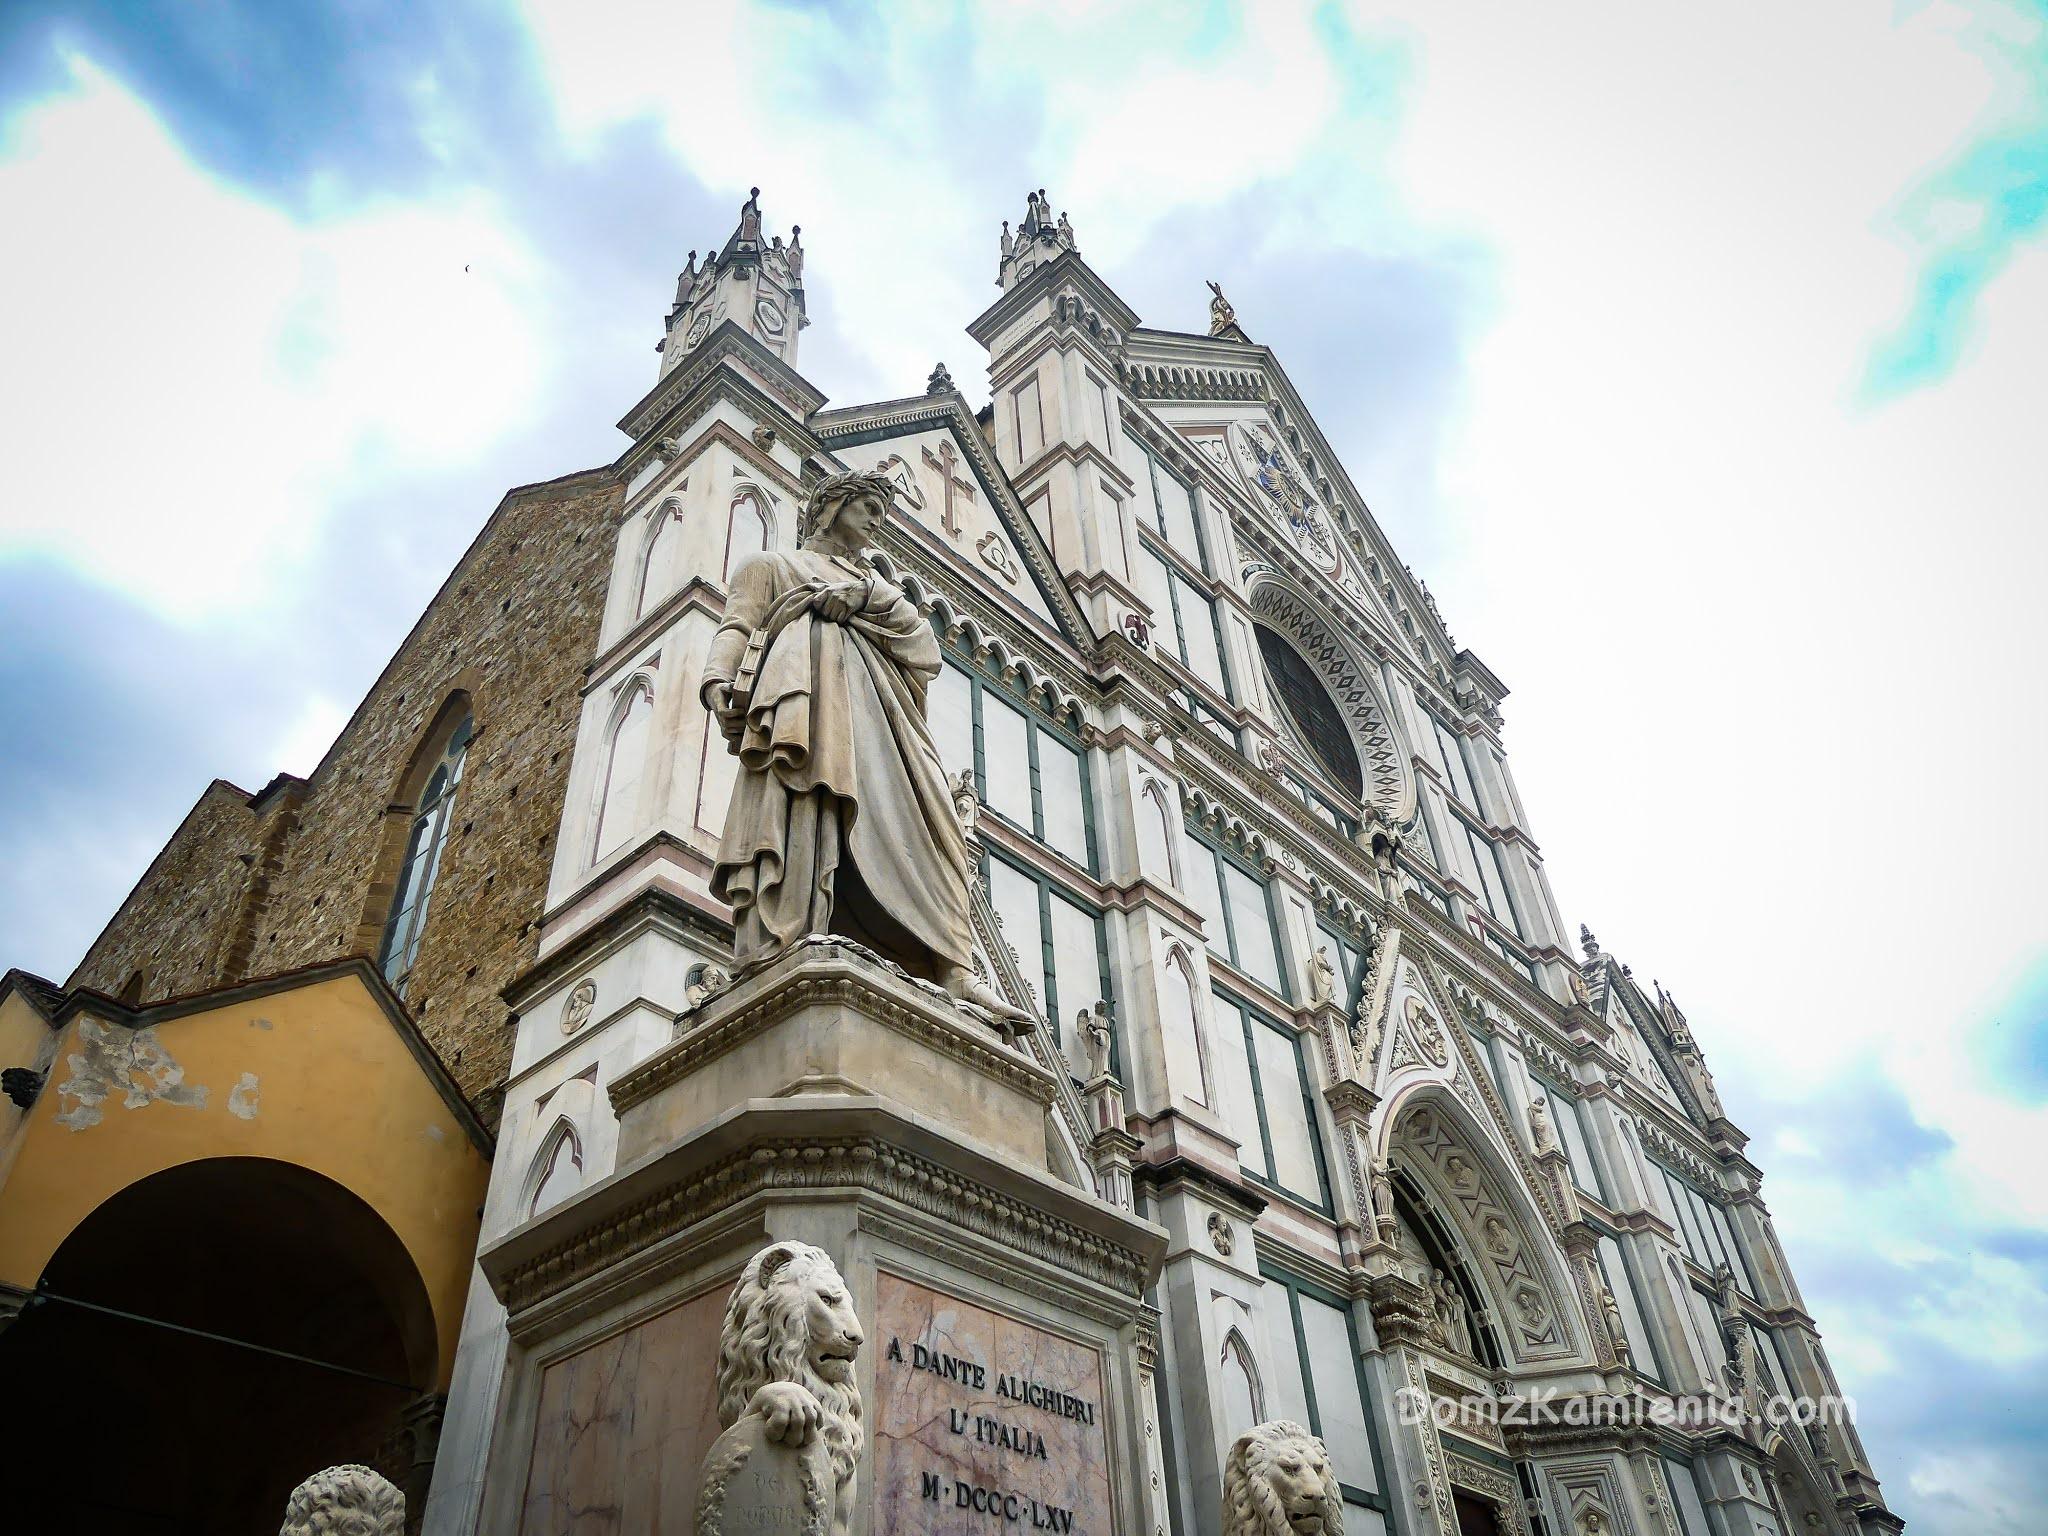 Dom z Kamienia, Florencja